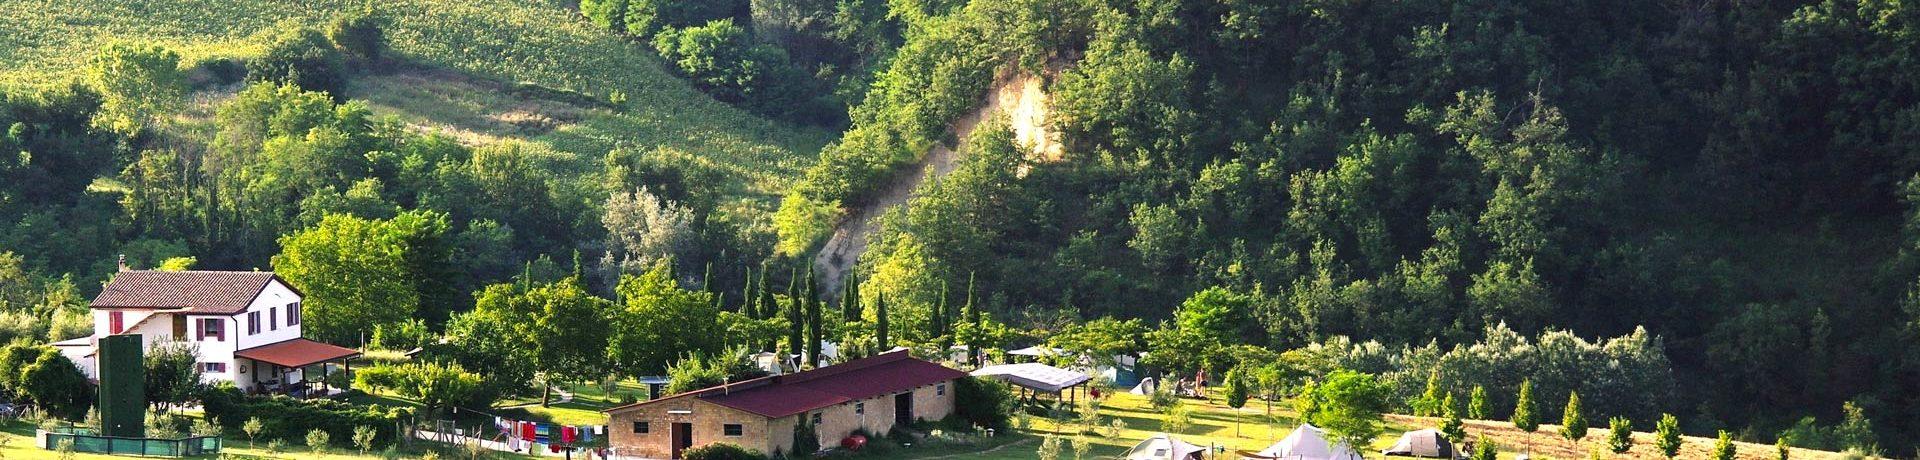 Verblijf in rust op het Italiaanse platteland bij B&B Agricamp Picobello. De kleine camping is ideaal voor rustzoekers en buitenactiviteiten!